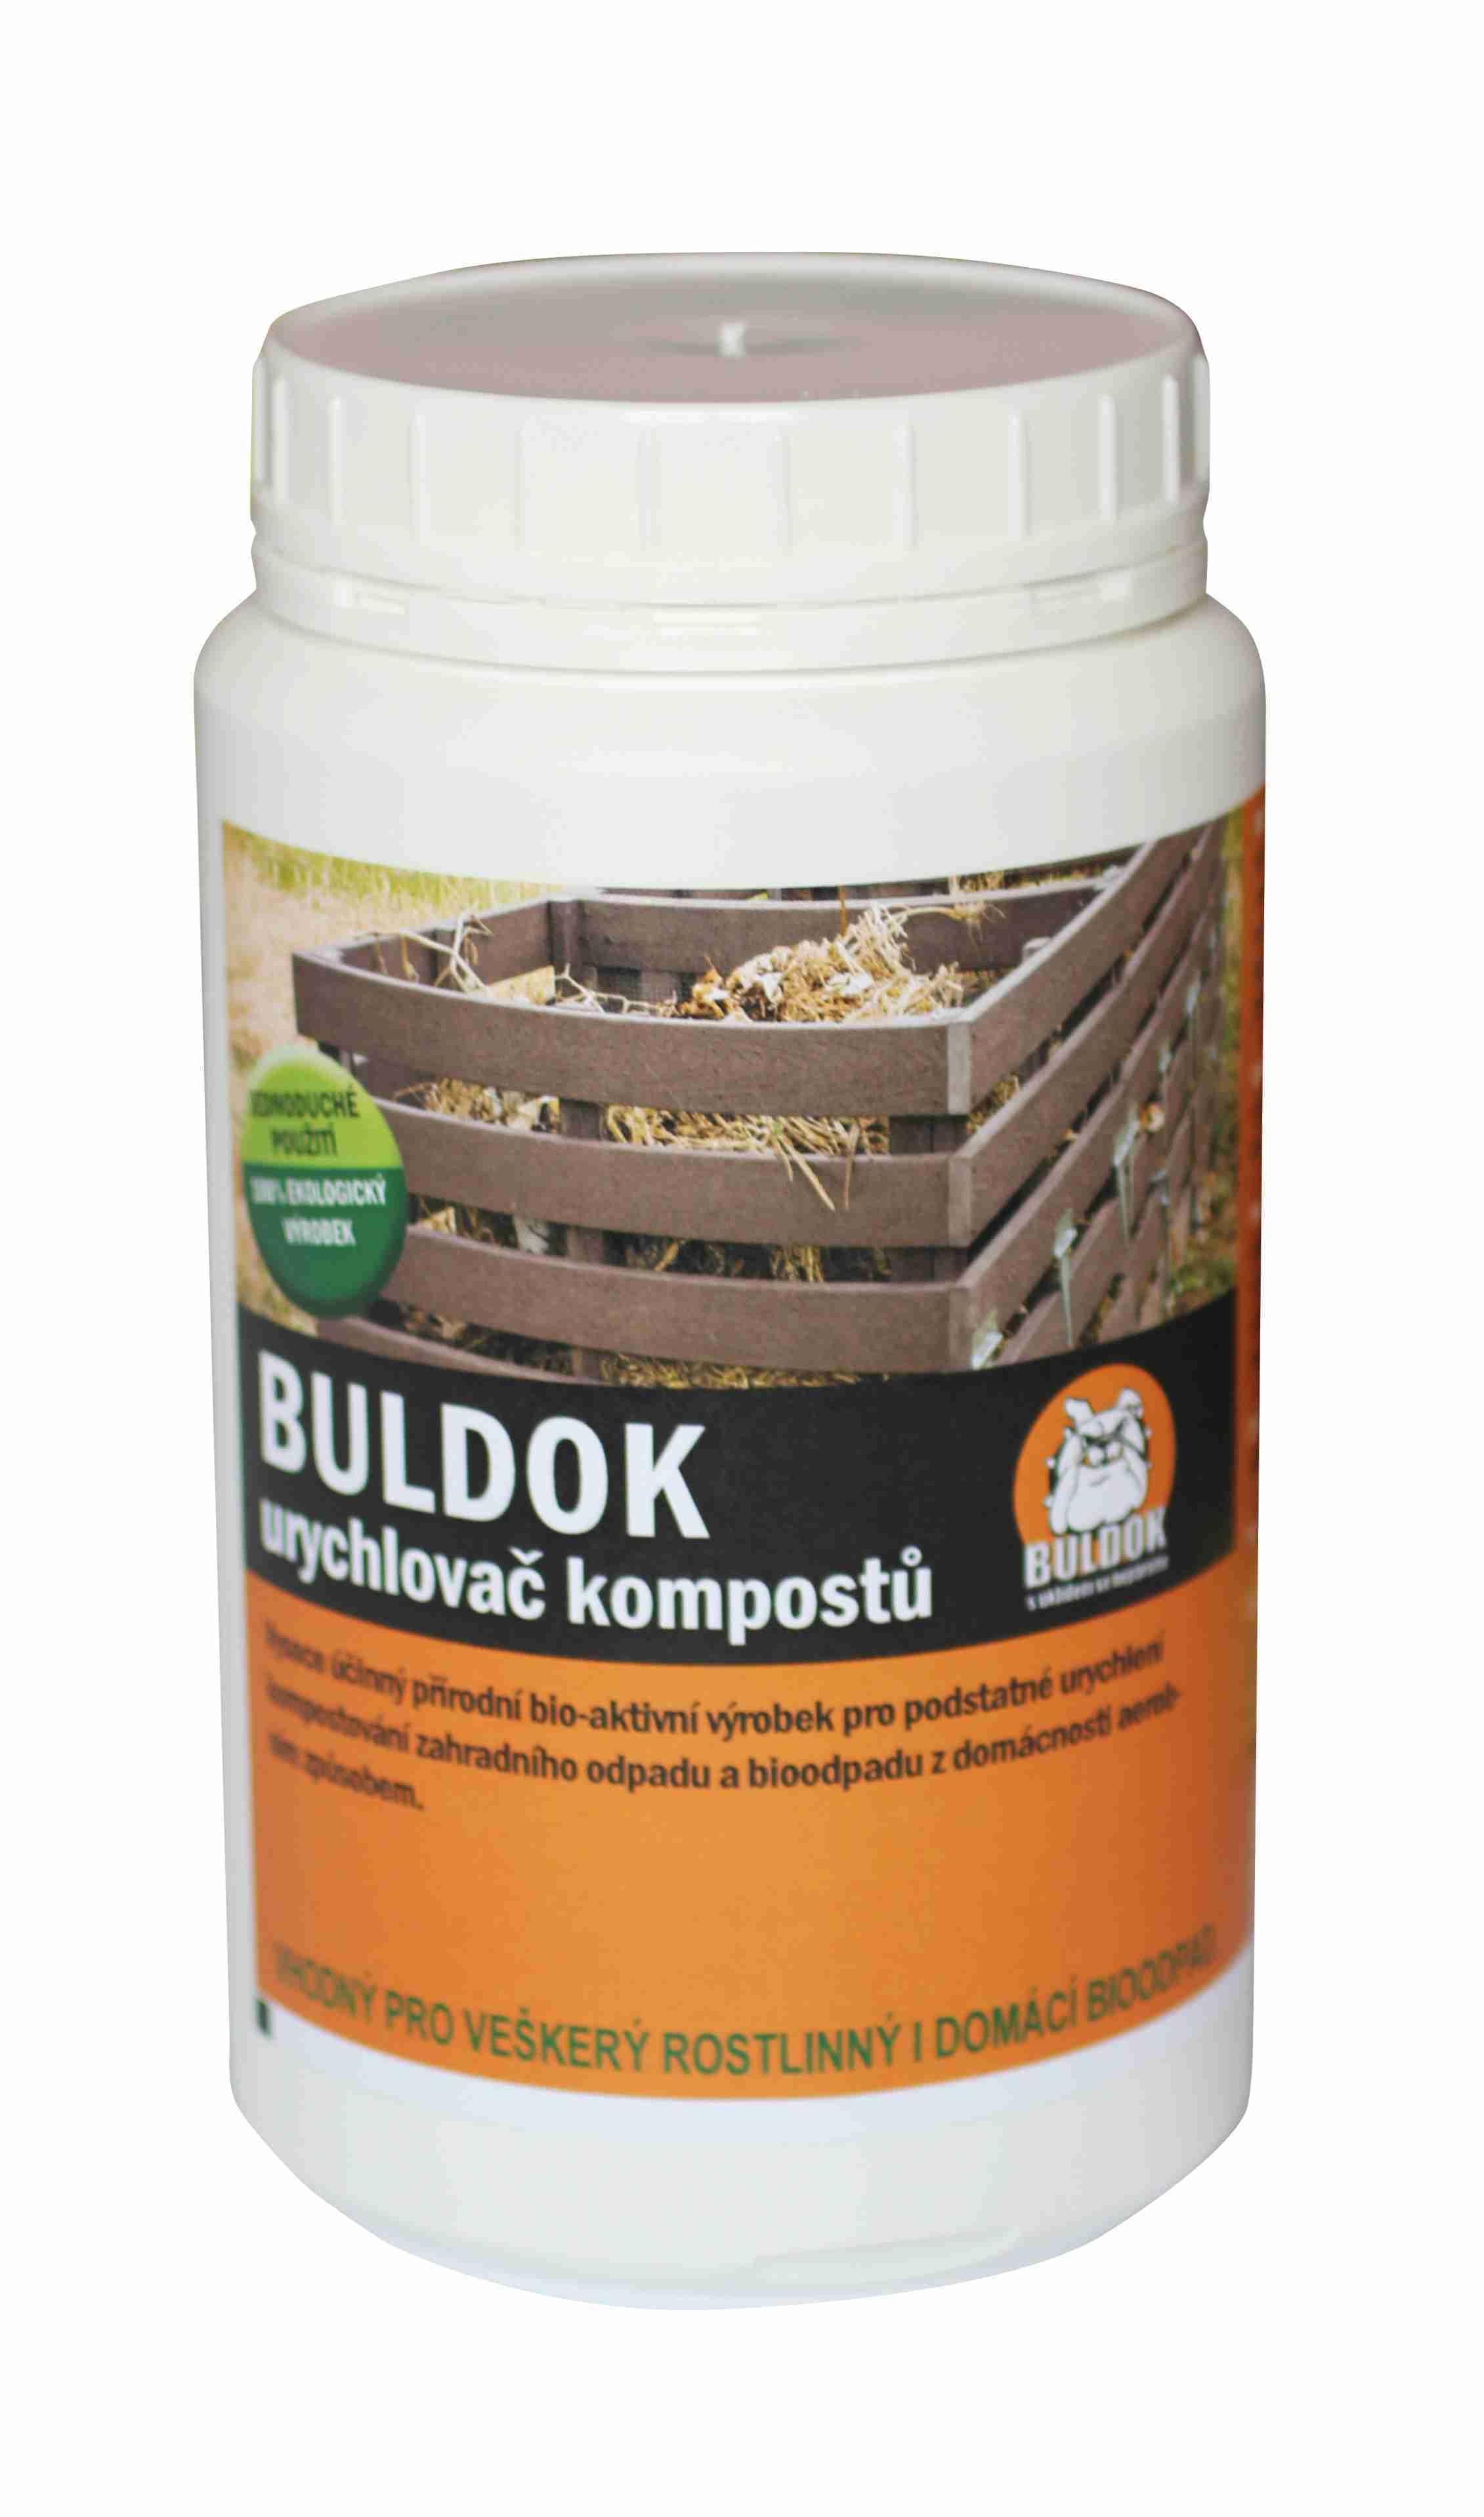 Metrum Buldok Urychlovač kompostů 1kg